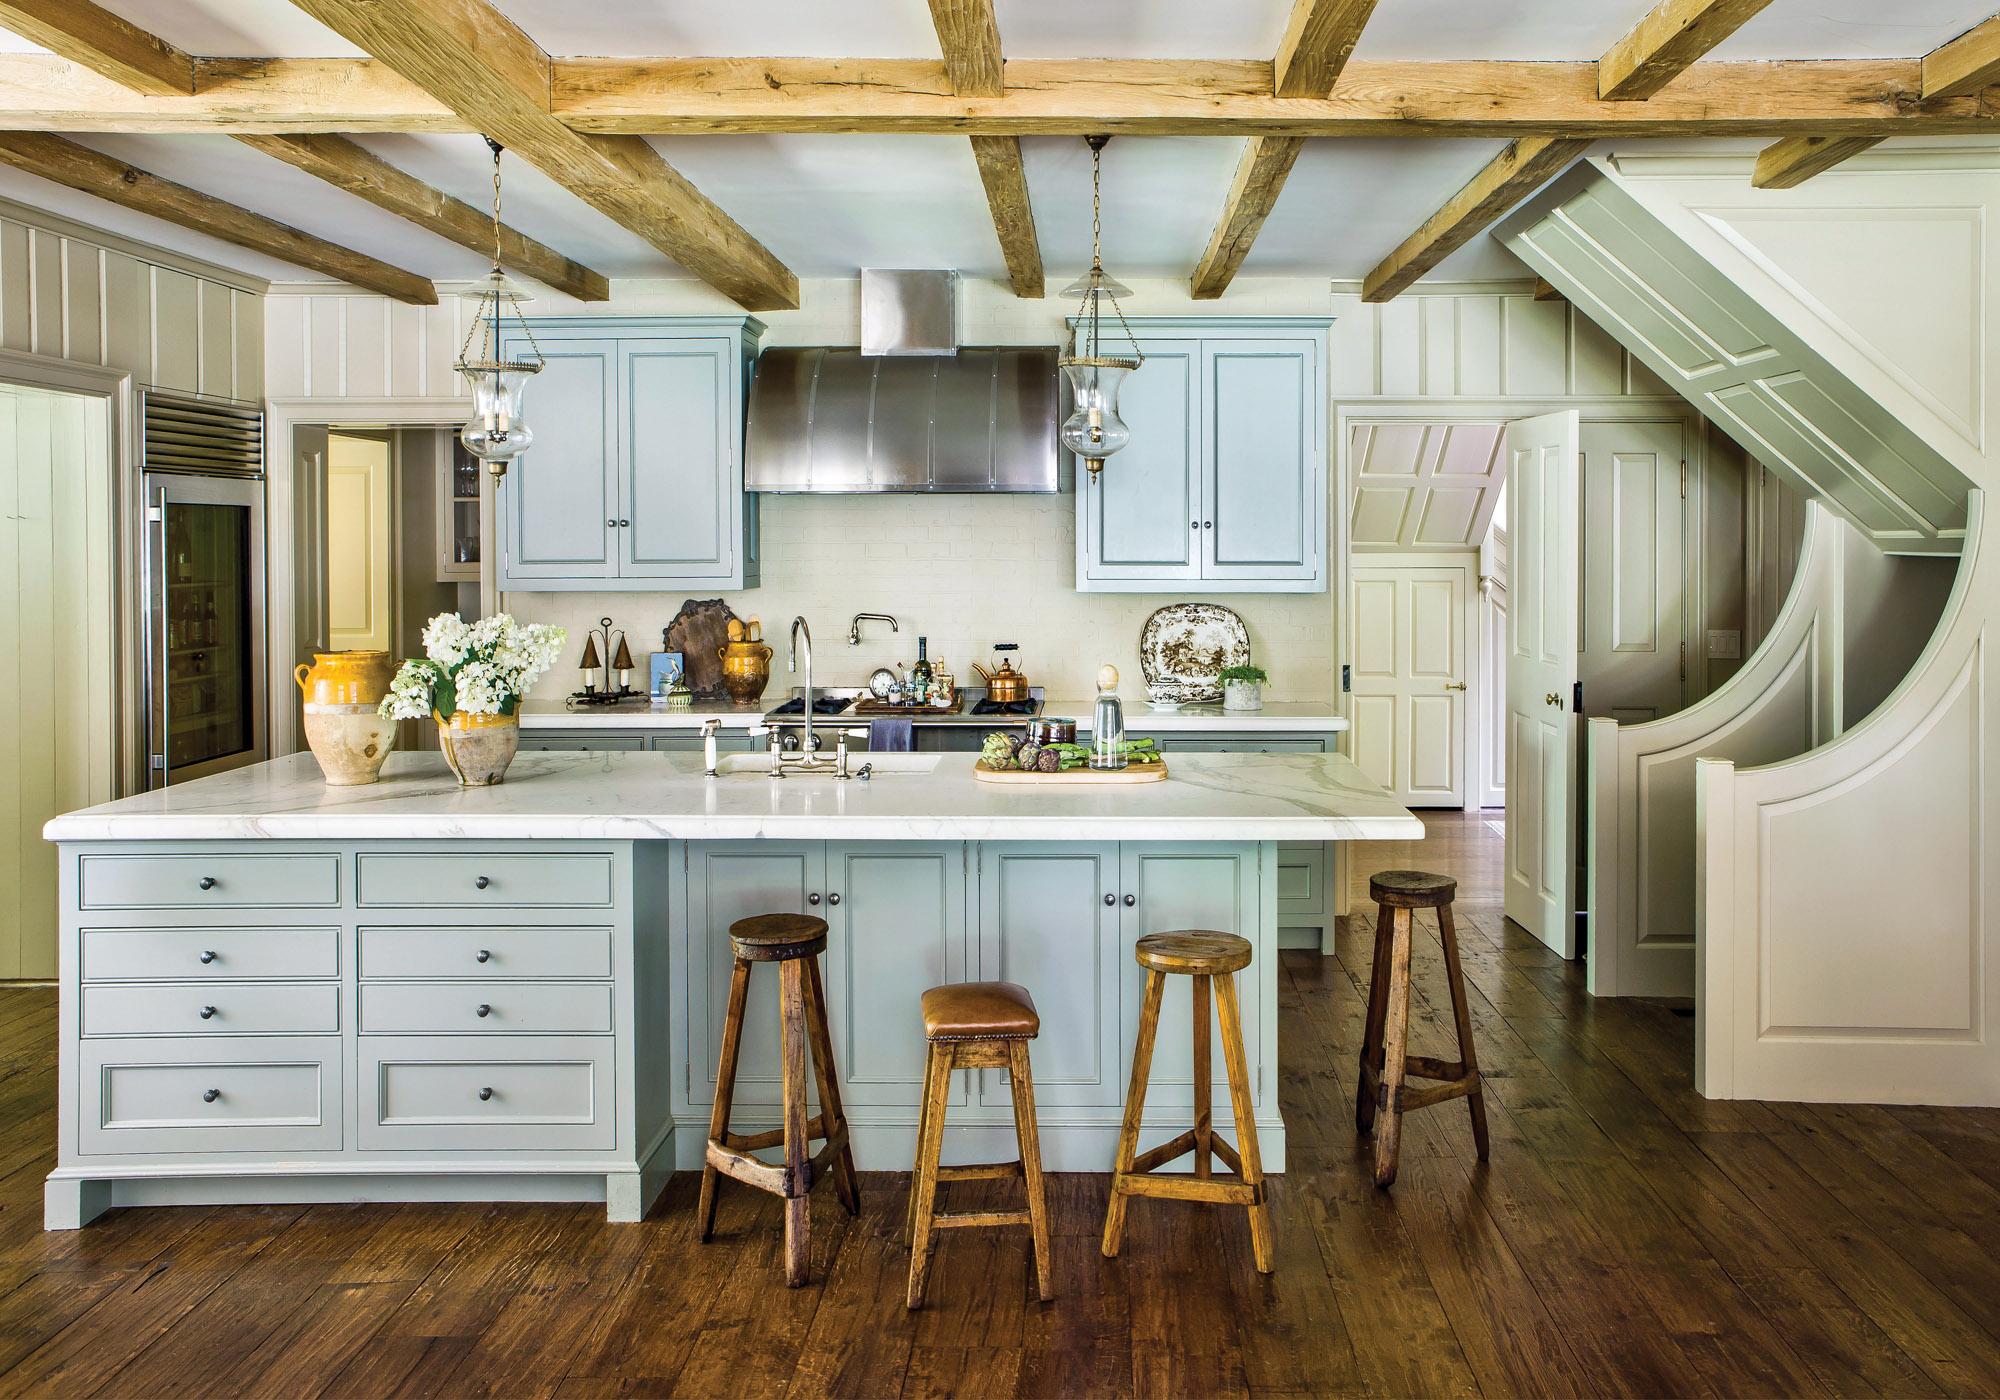 Philip Trammell Shutze house, restored 1939 kitchen